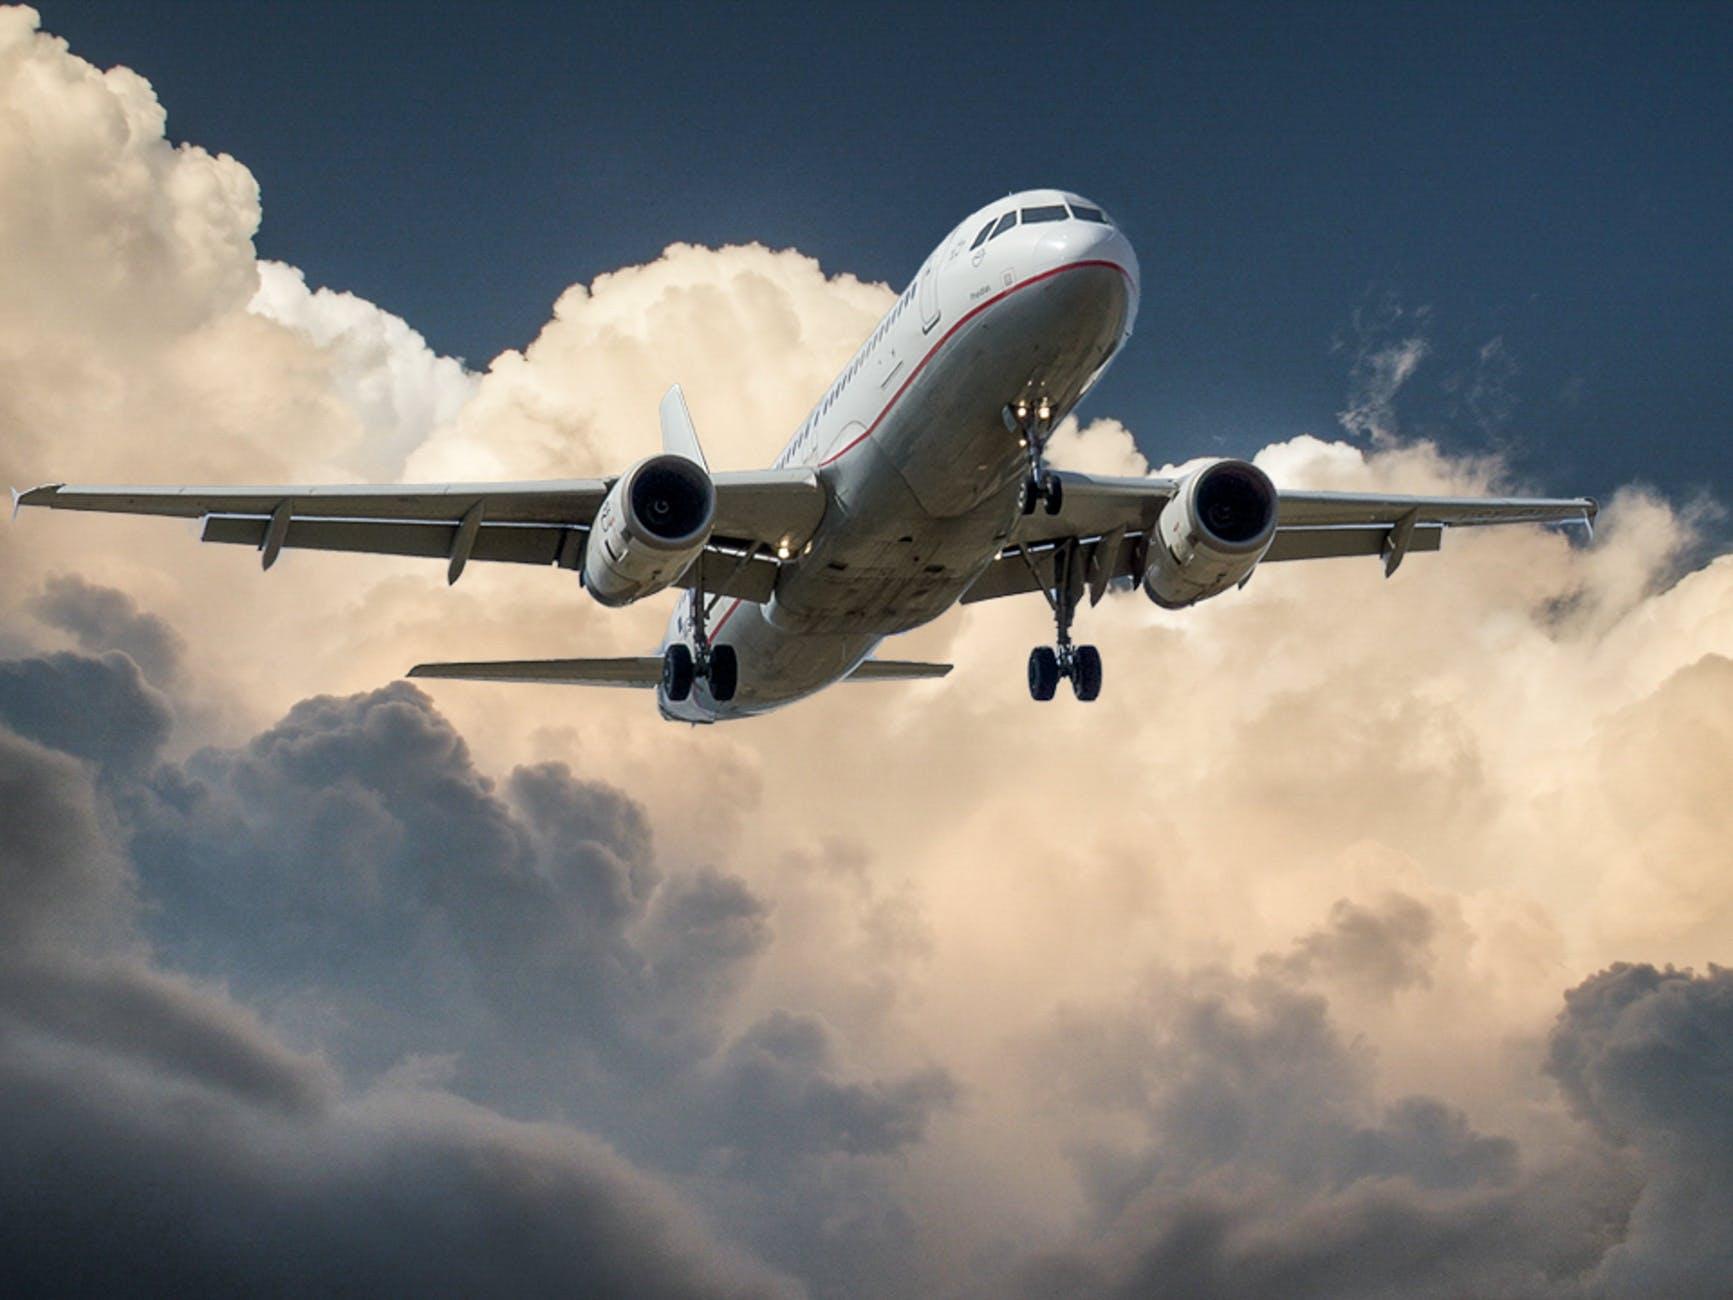 Air Plane Flying